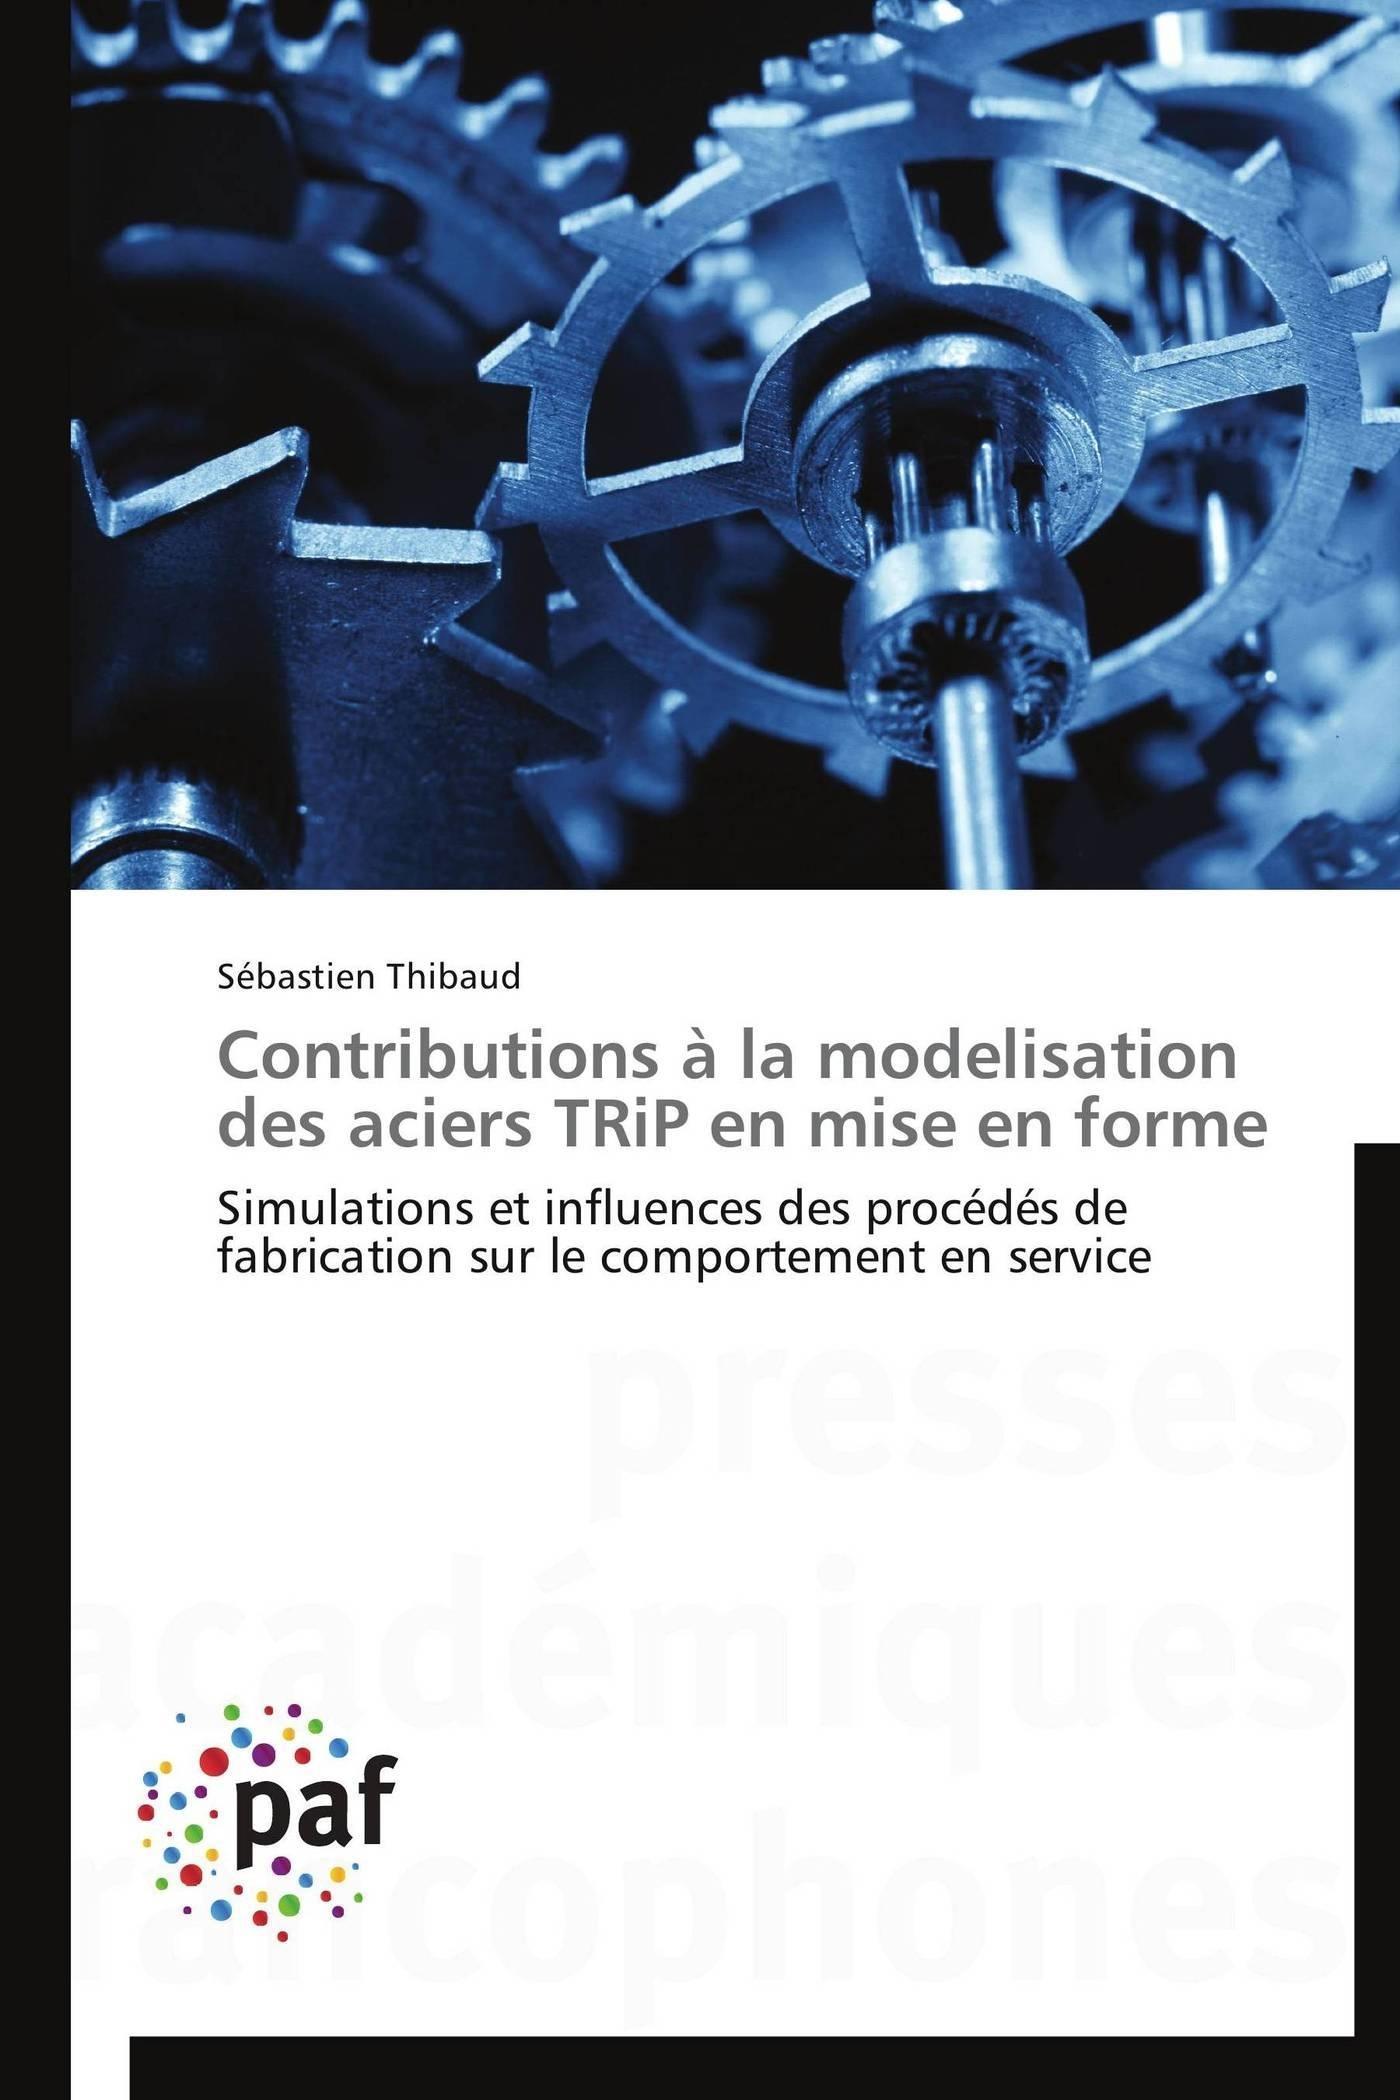 CONTRIBUTIONS A LA MODELISATION DES ACIERS TRIP EN MISE EN FORME